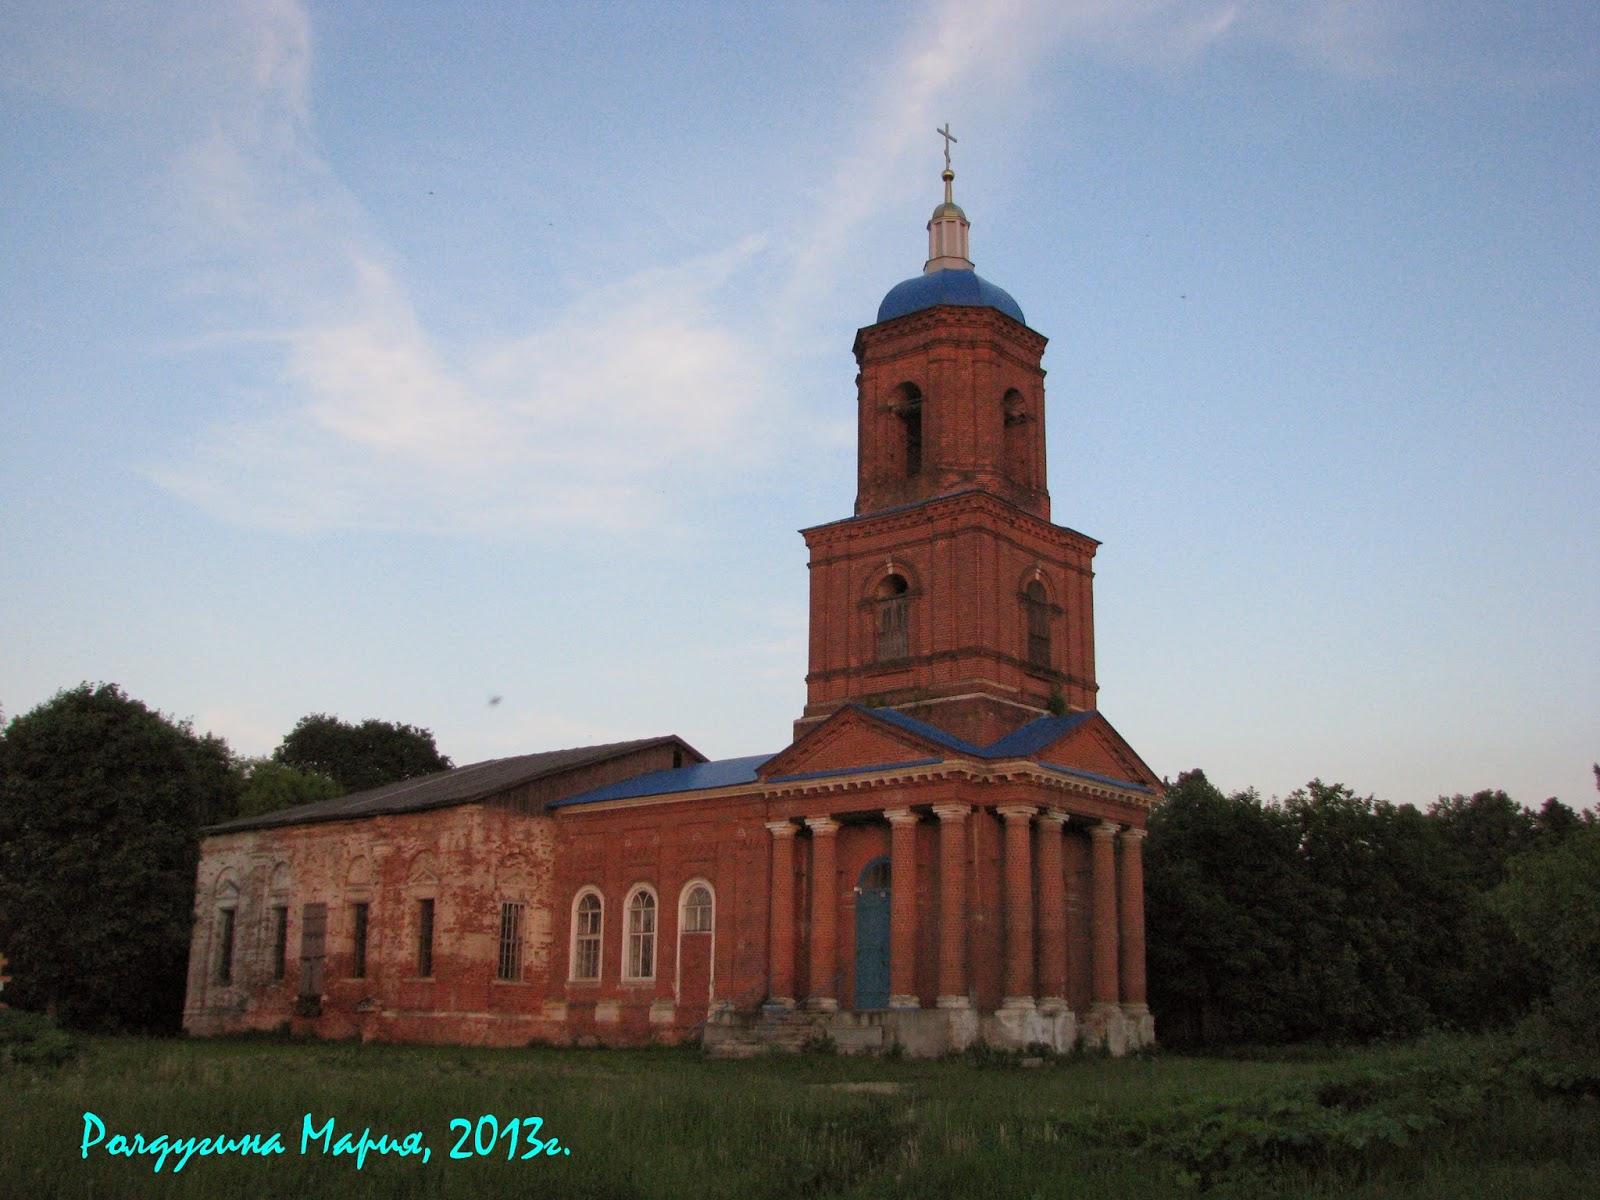 с.Дмитриево, Касимовский район, Рязанская область